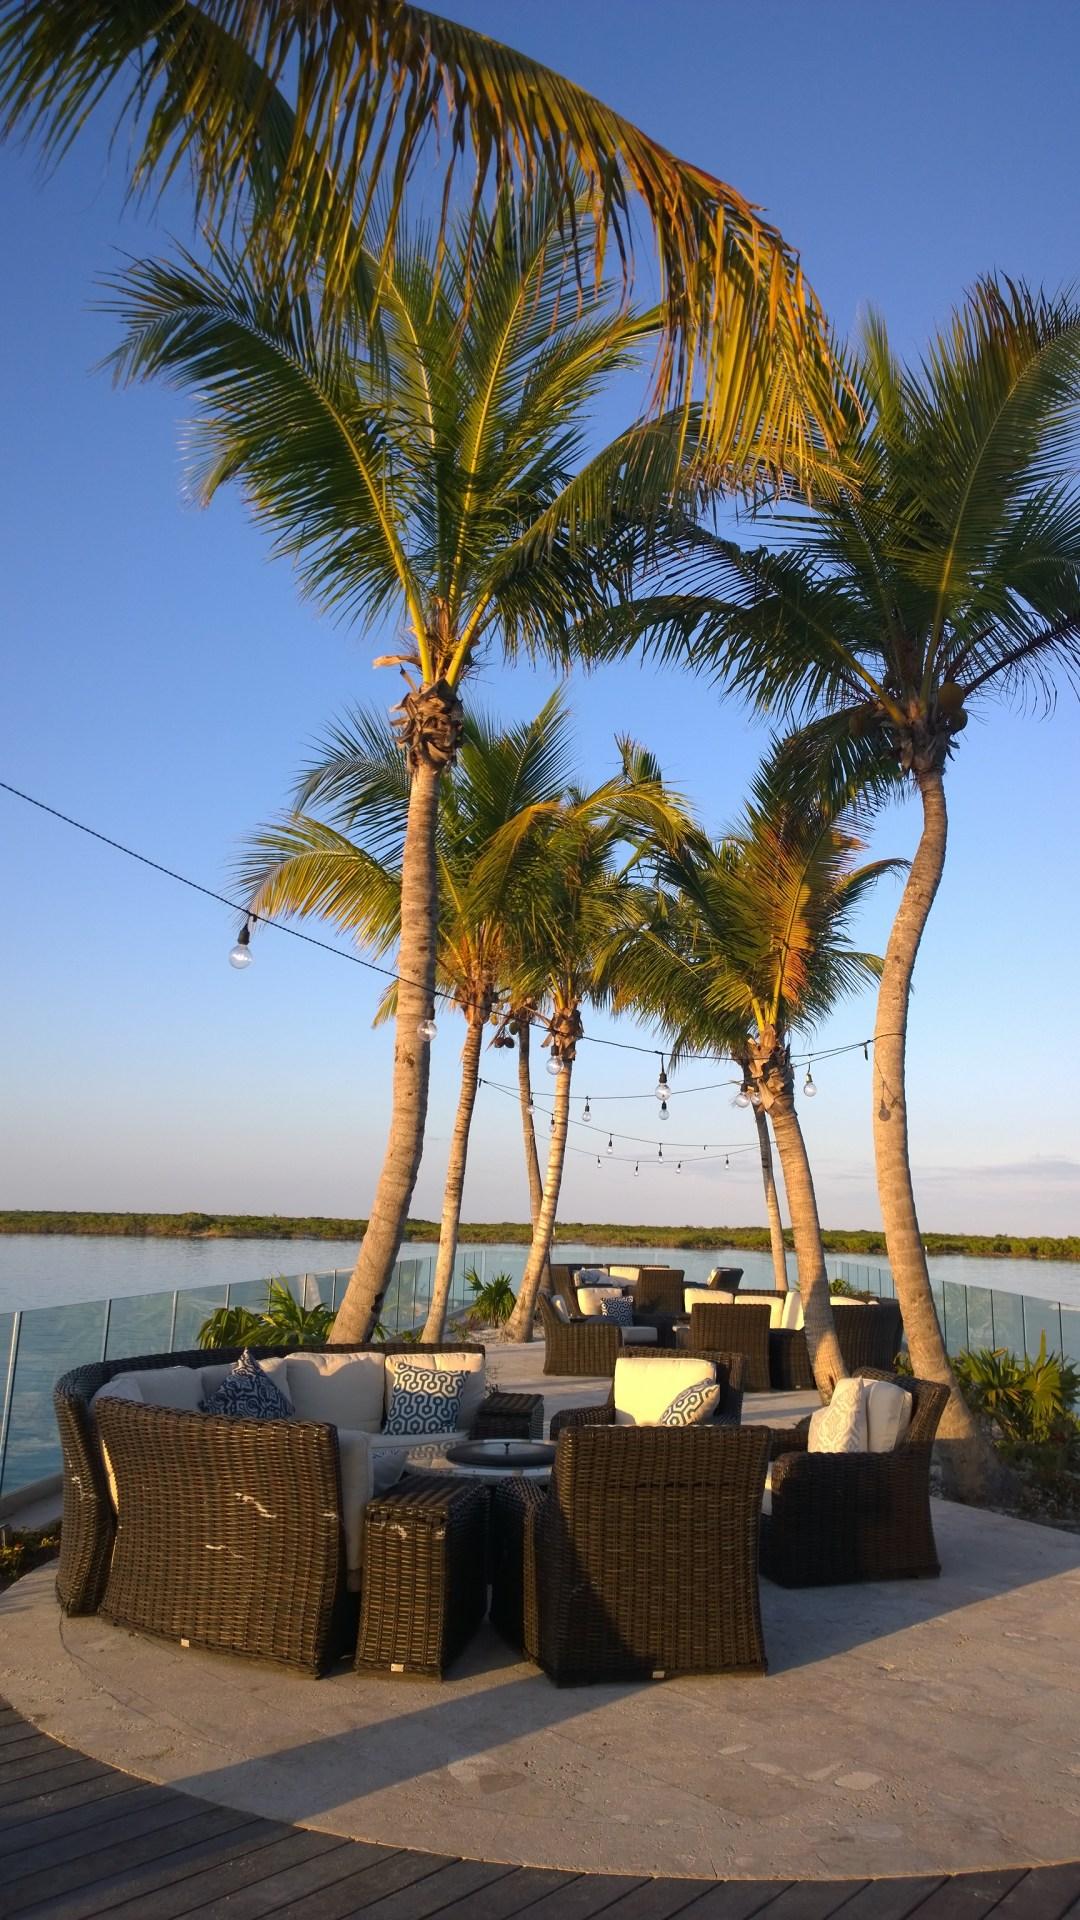 Satman ravintolan pikkuinen illallispaikka palmujen katveessa.